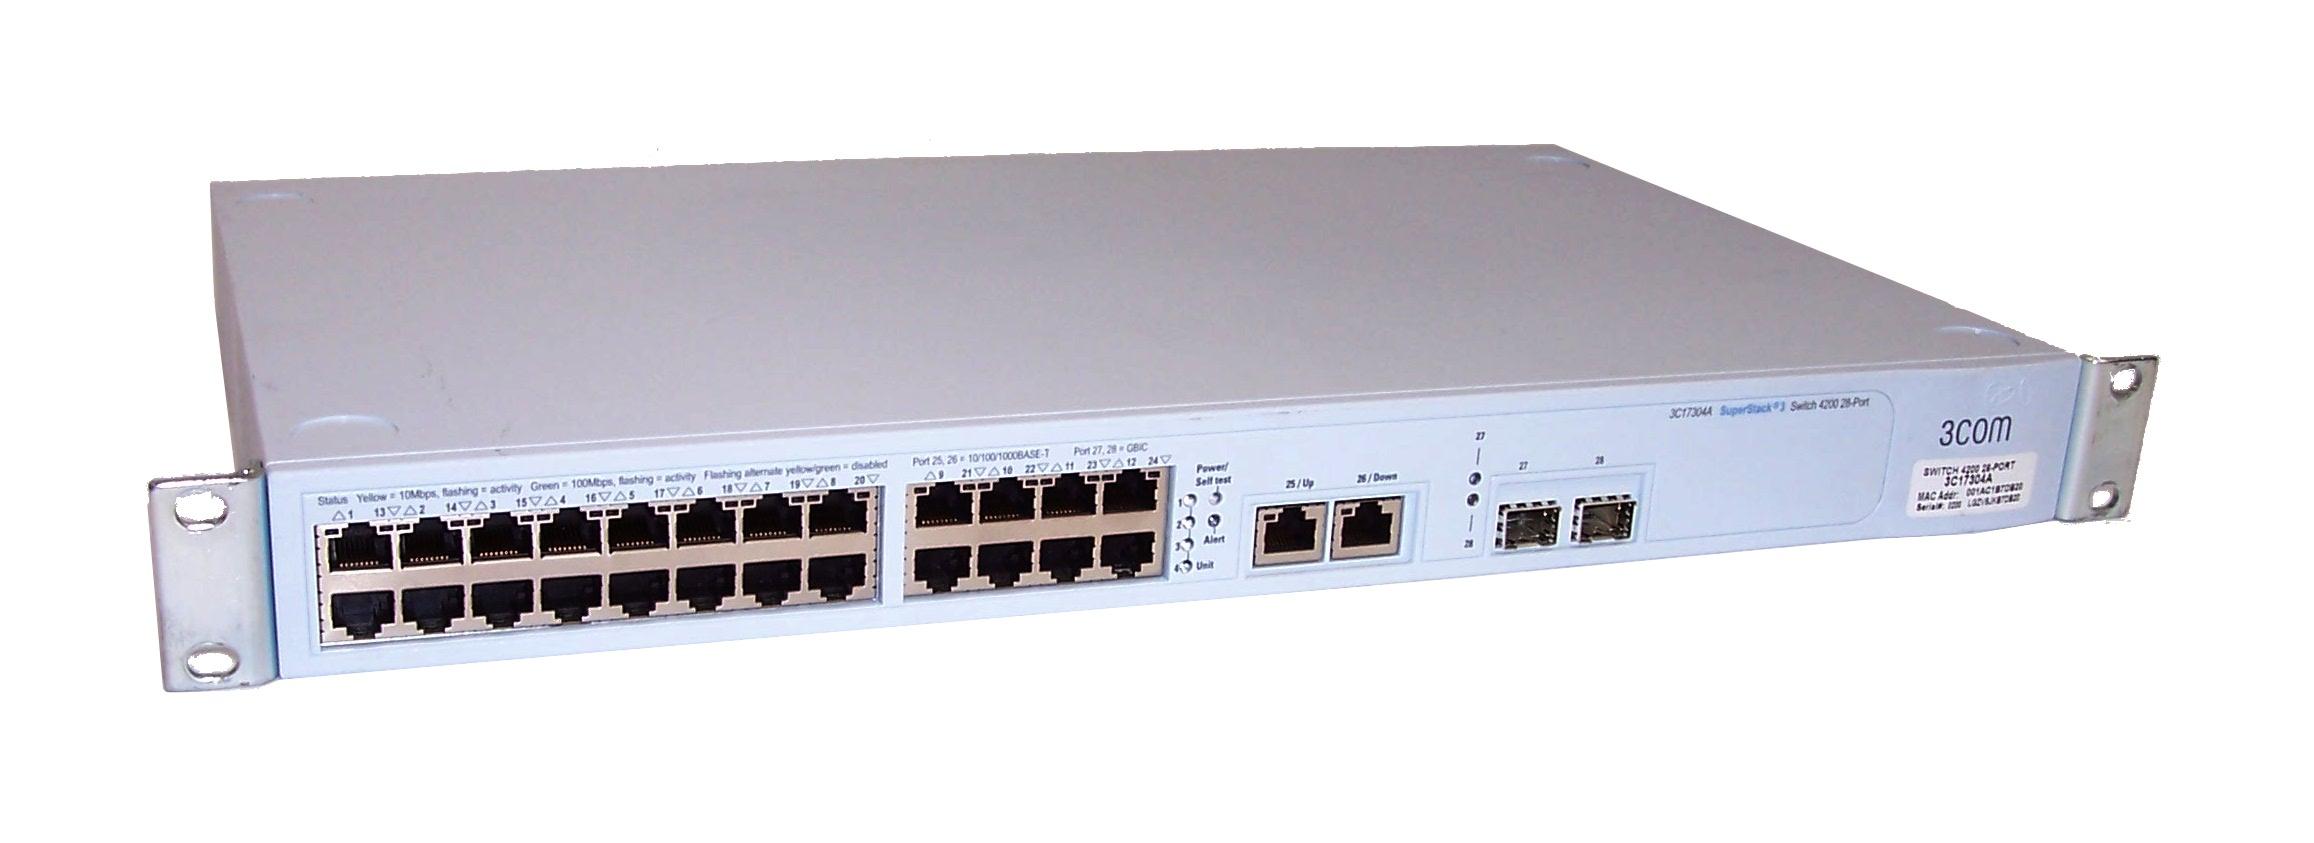 3com 3c17304a superstack 3 4200 switch de 28 puertos ebay for 3 com switch